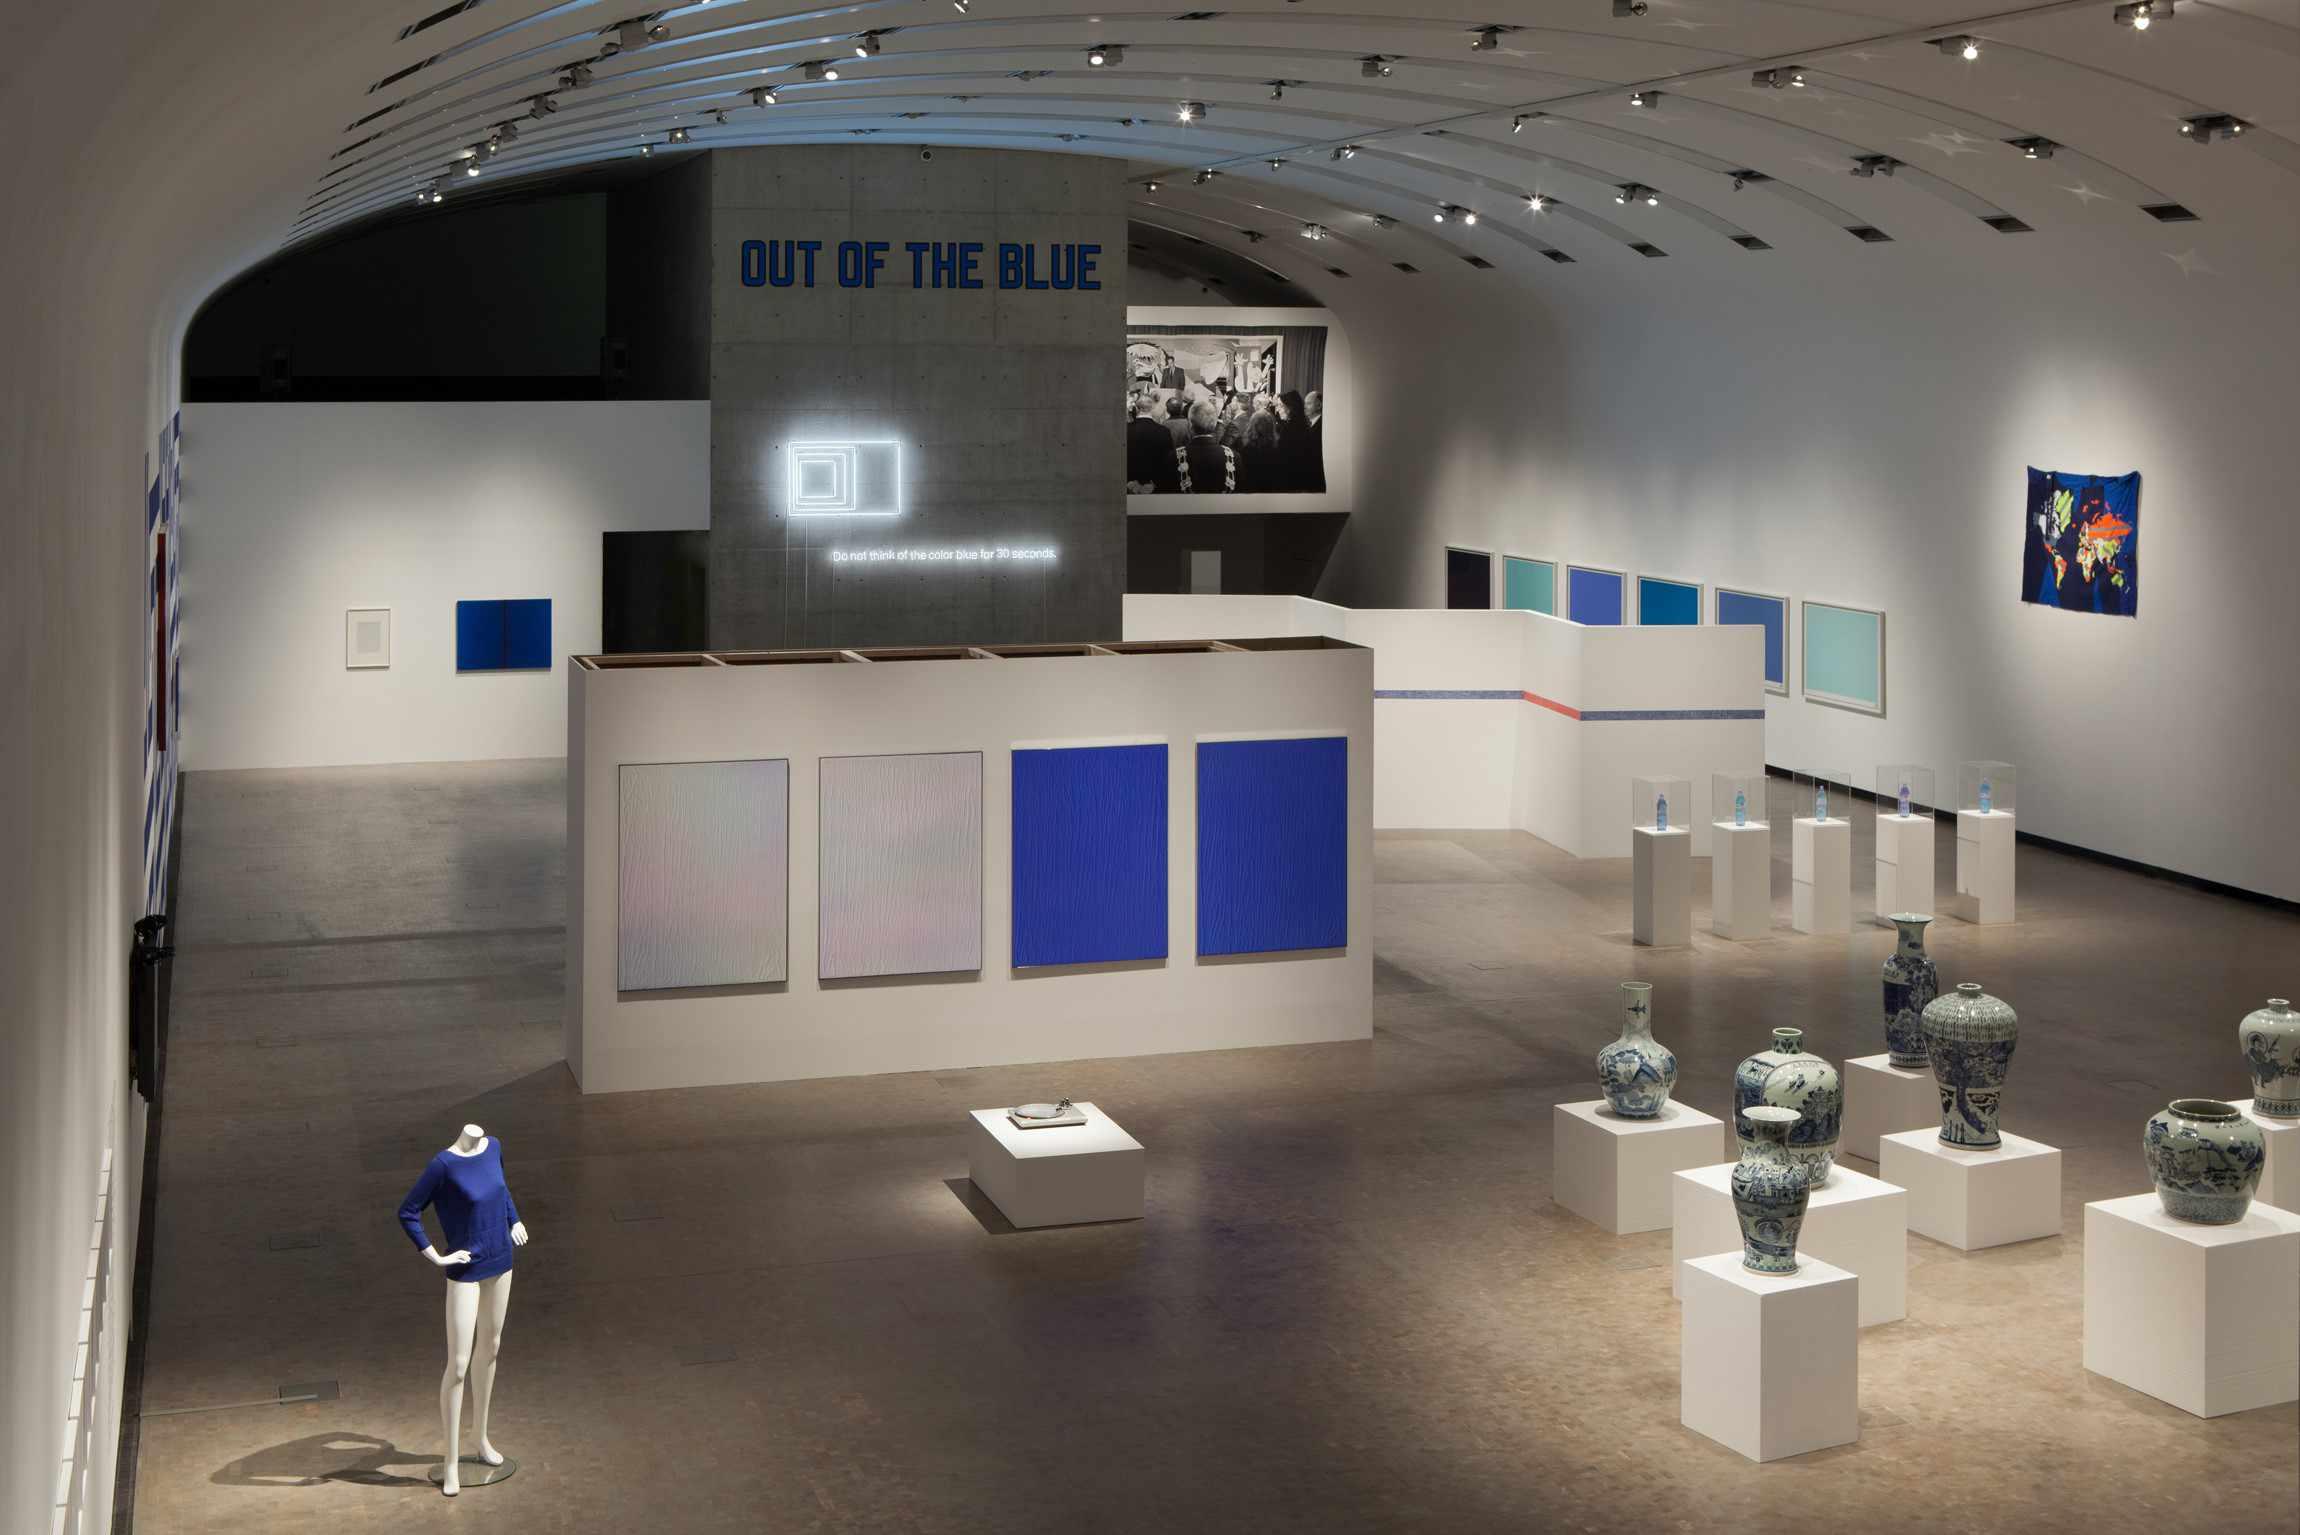 Una exposición en el Kunsthalle Wien de Viena